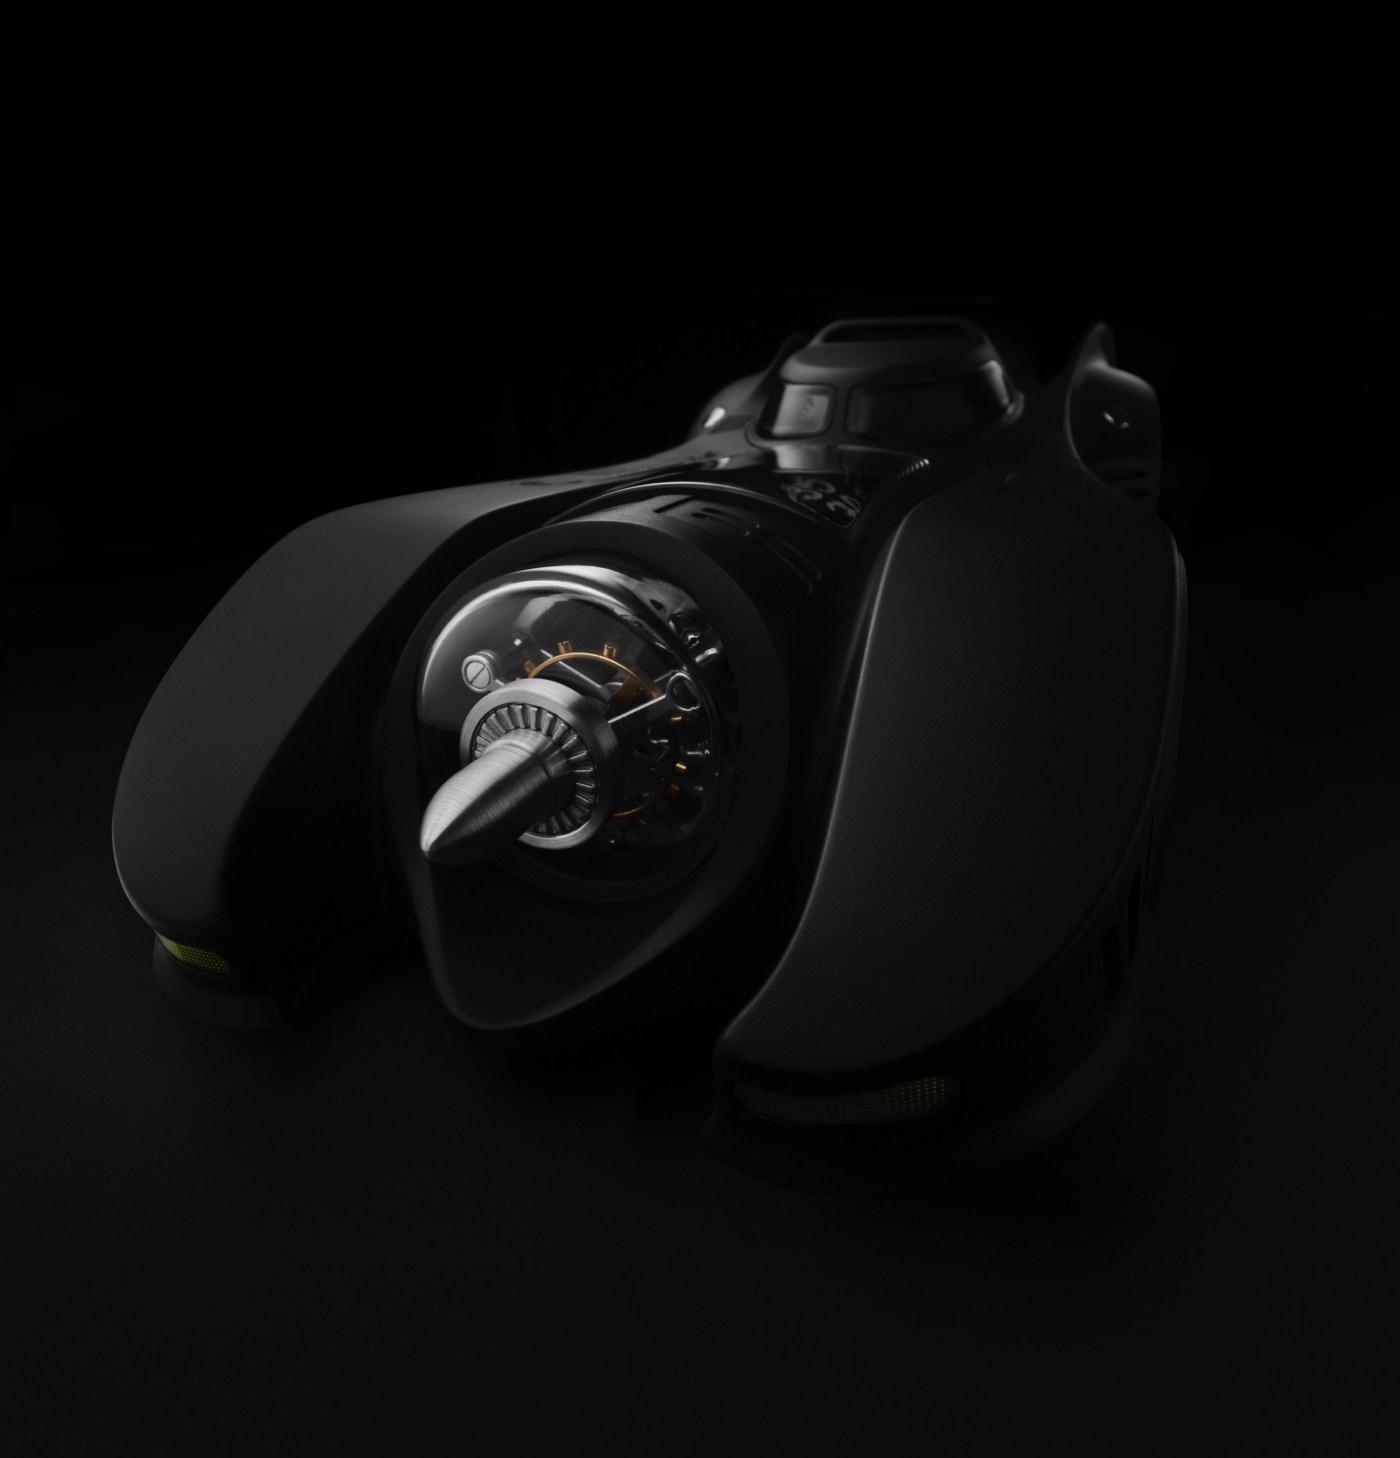 Batmobile Clock